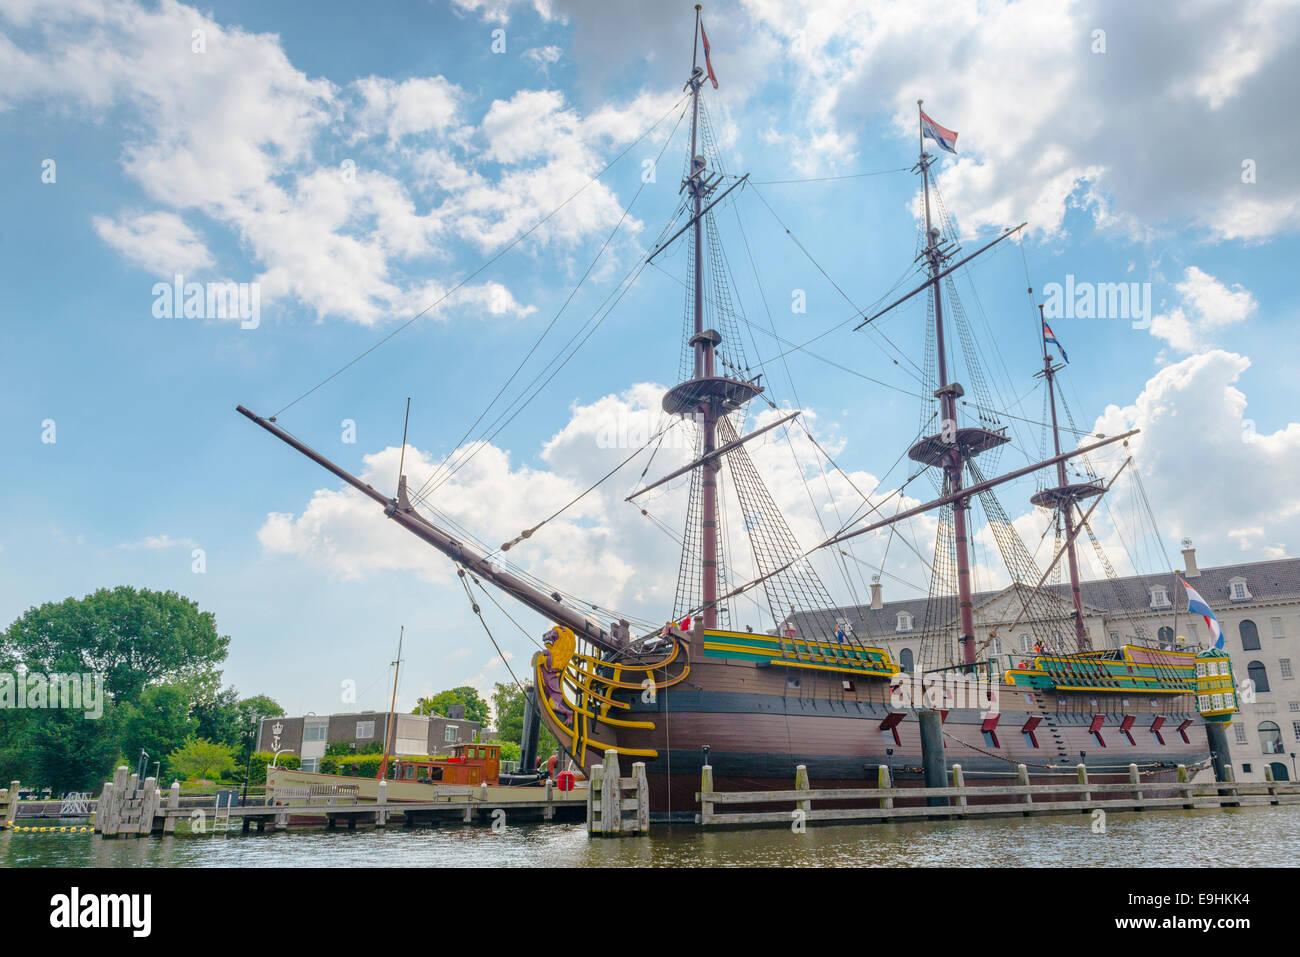 Die Stad Amsterdam (Stadt Amsterdam) ist ein Dreimaster Clipper, Amsterdam, Niederlande Stockbild